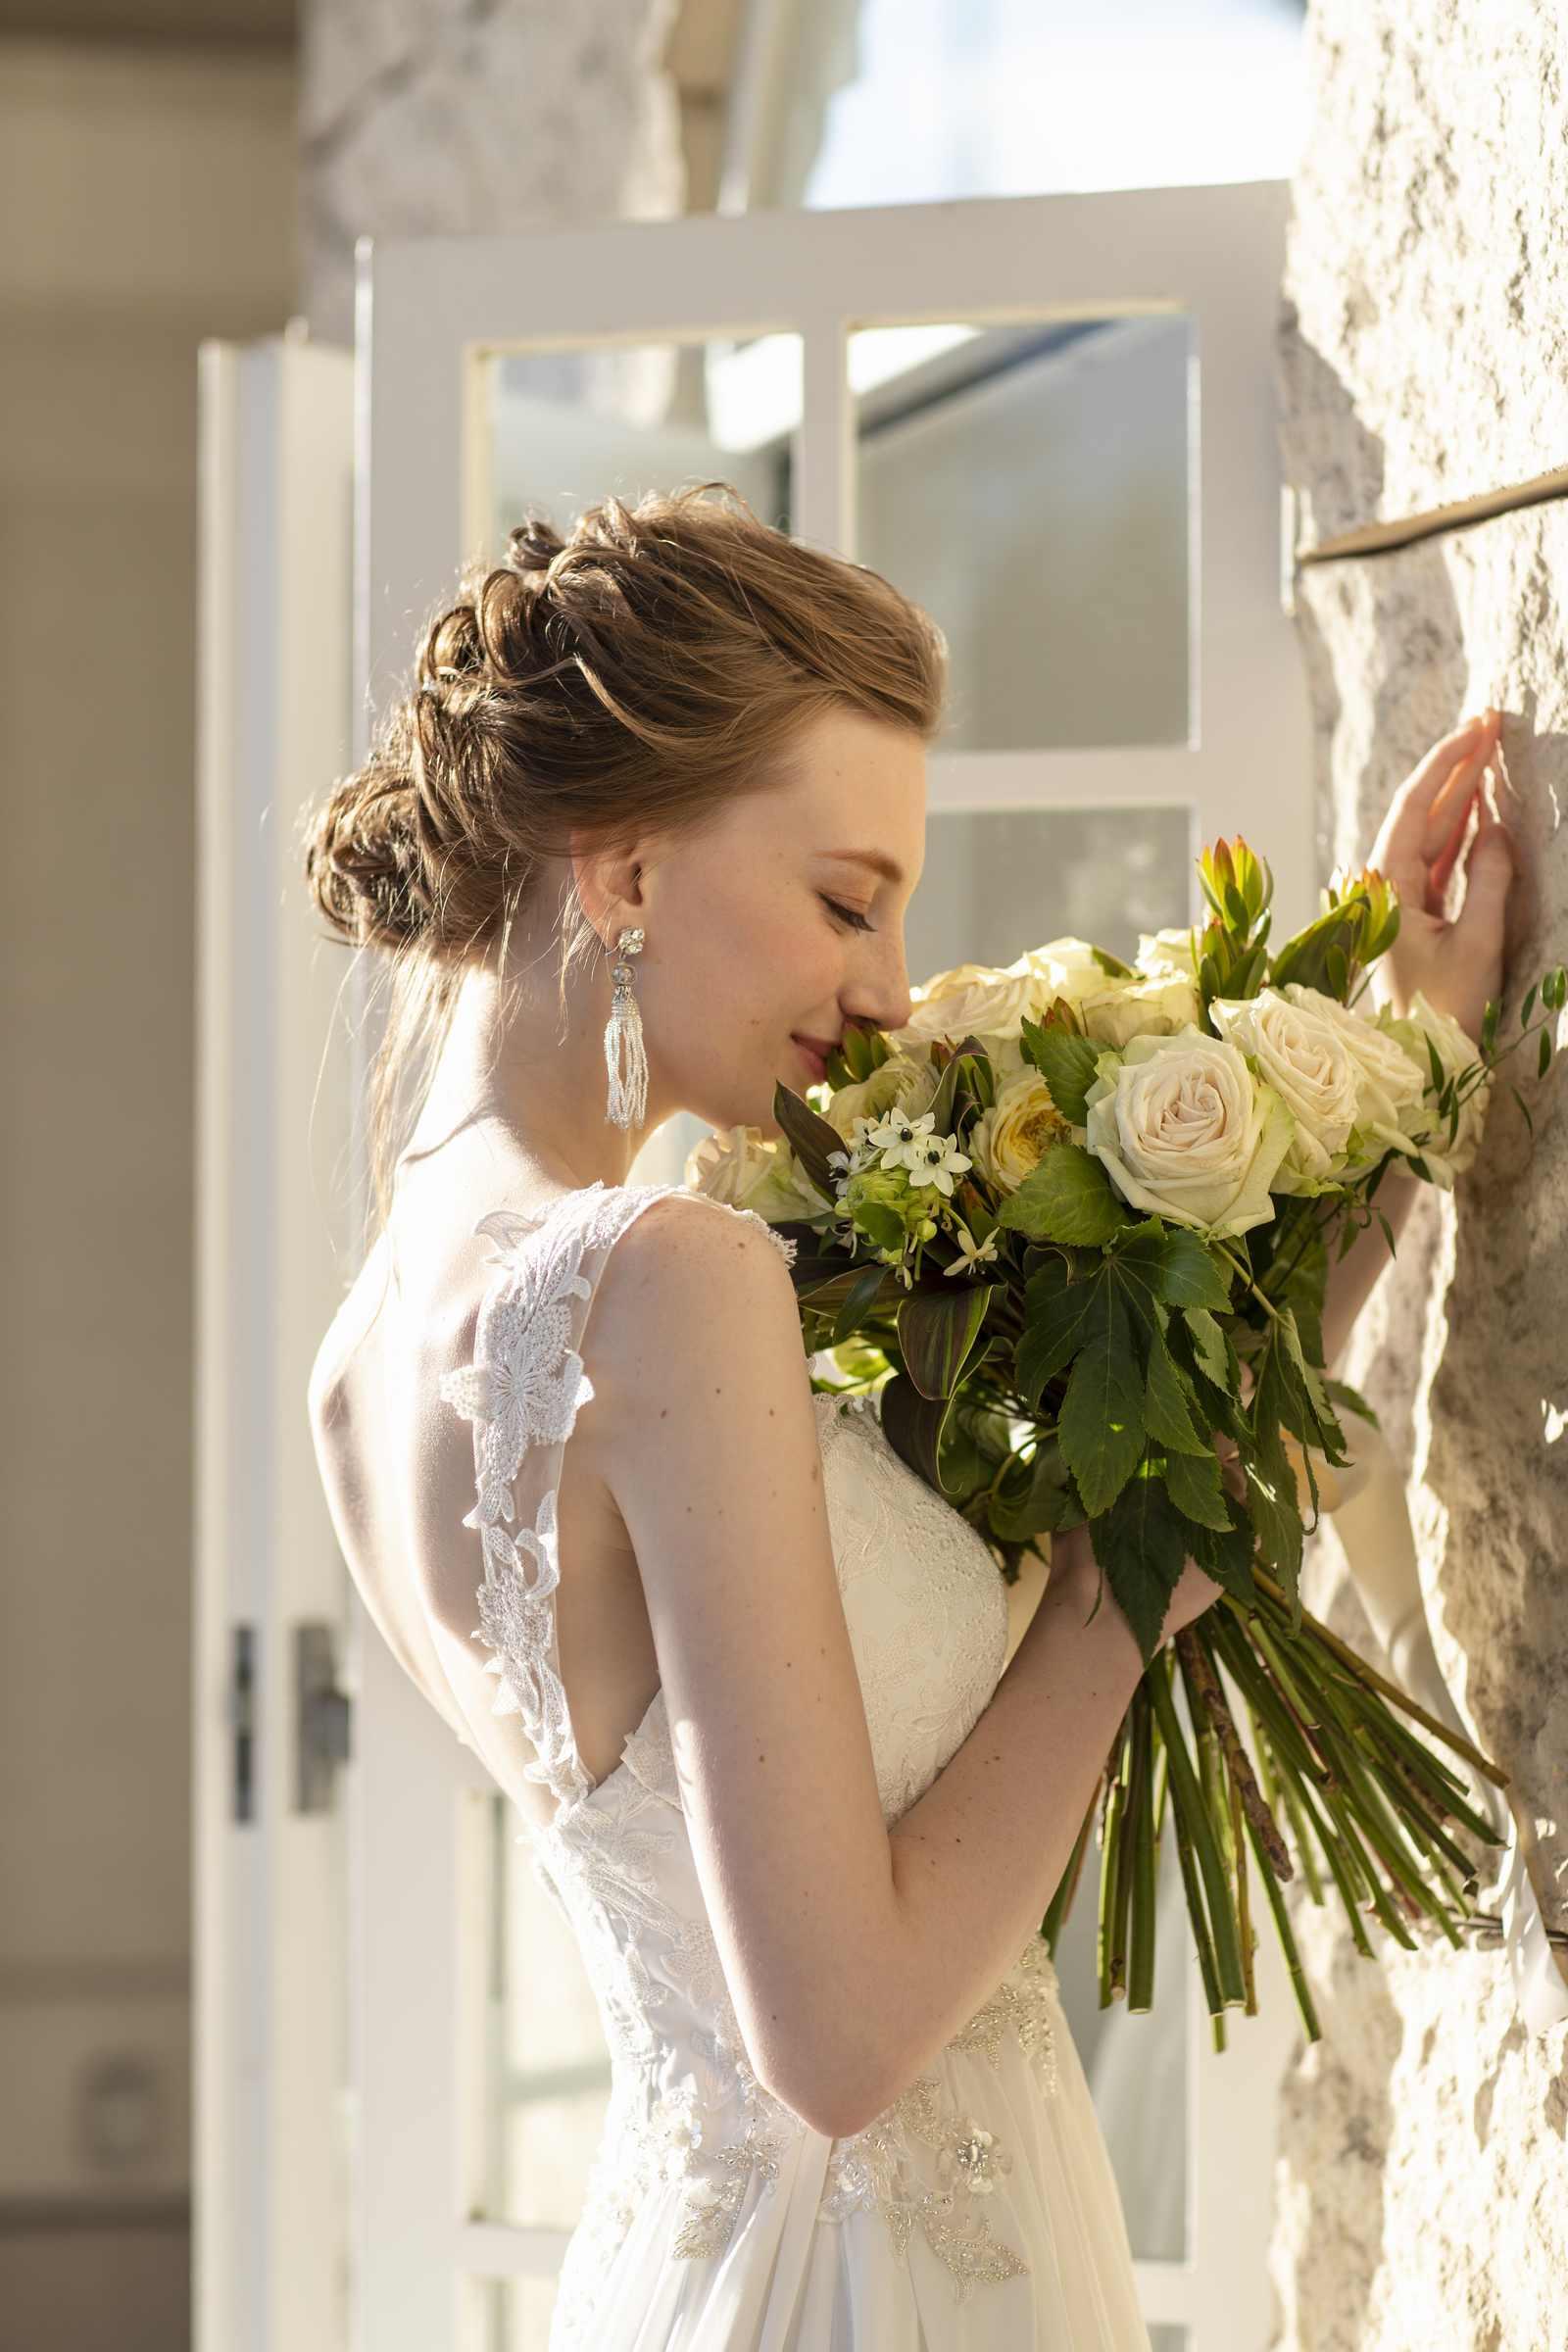 香川県の結婚式場シェルエメールのイメージ写真